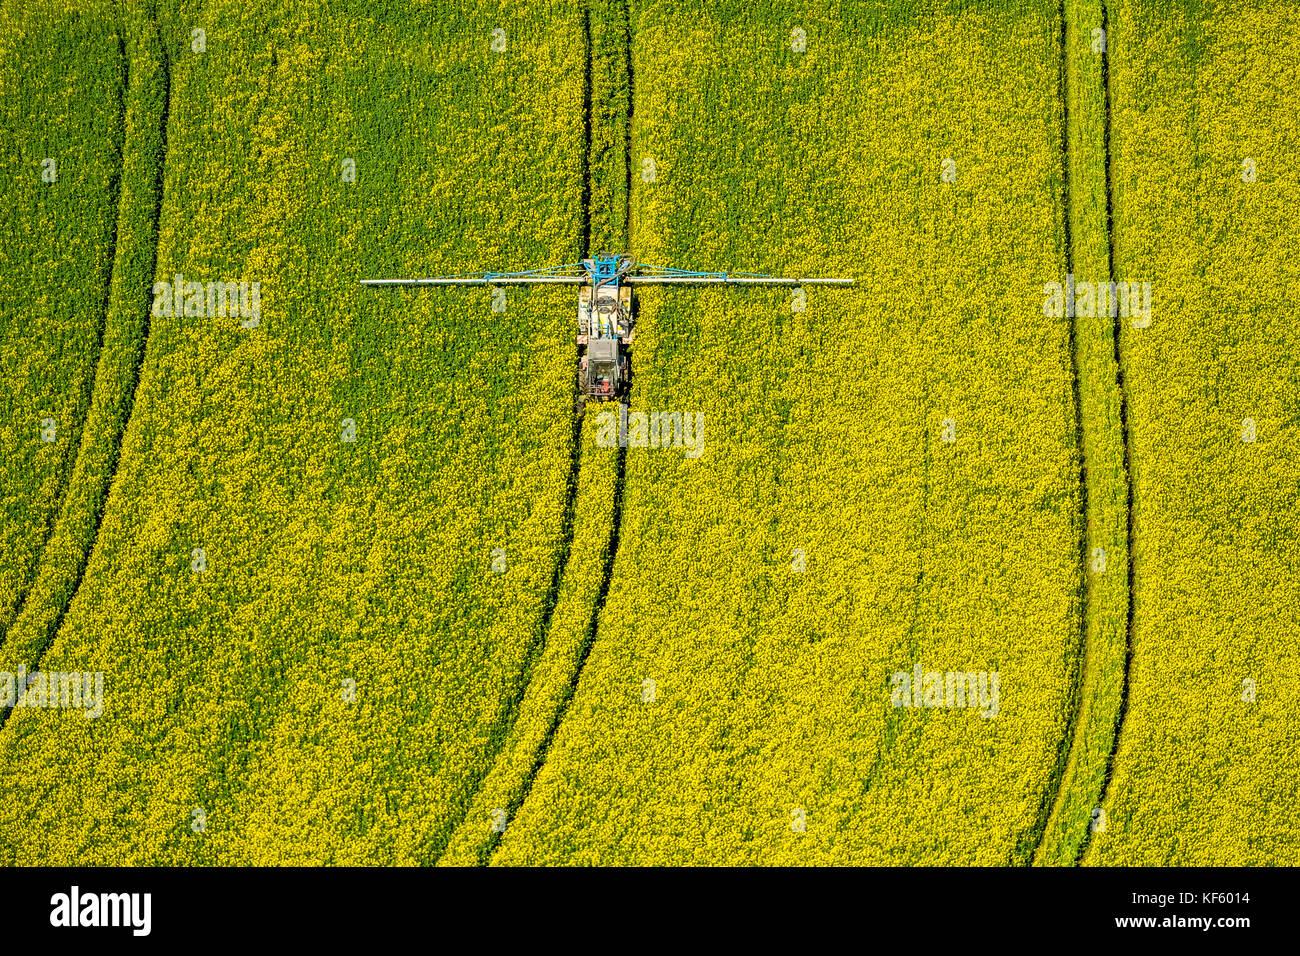 Träcker pesticidi spruzzato su un verde campo di mais, agricoltura, warstein, sauerland, RENANIA DEL NORD-VESTFALIA, Immagini Stock